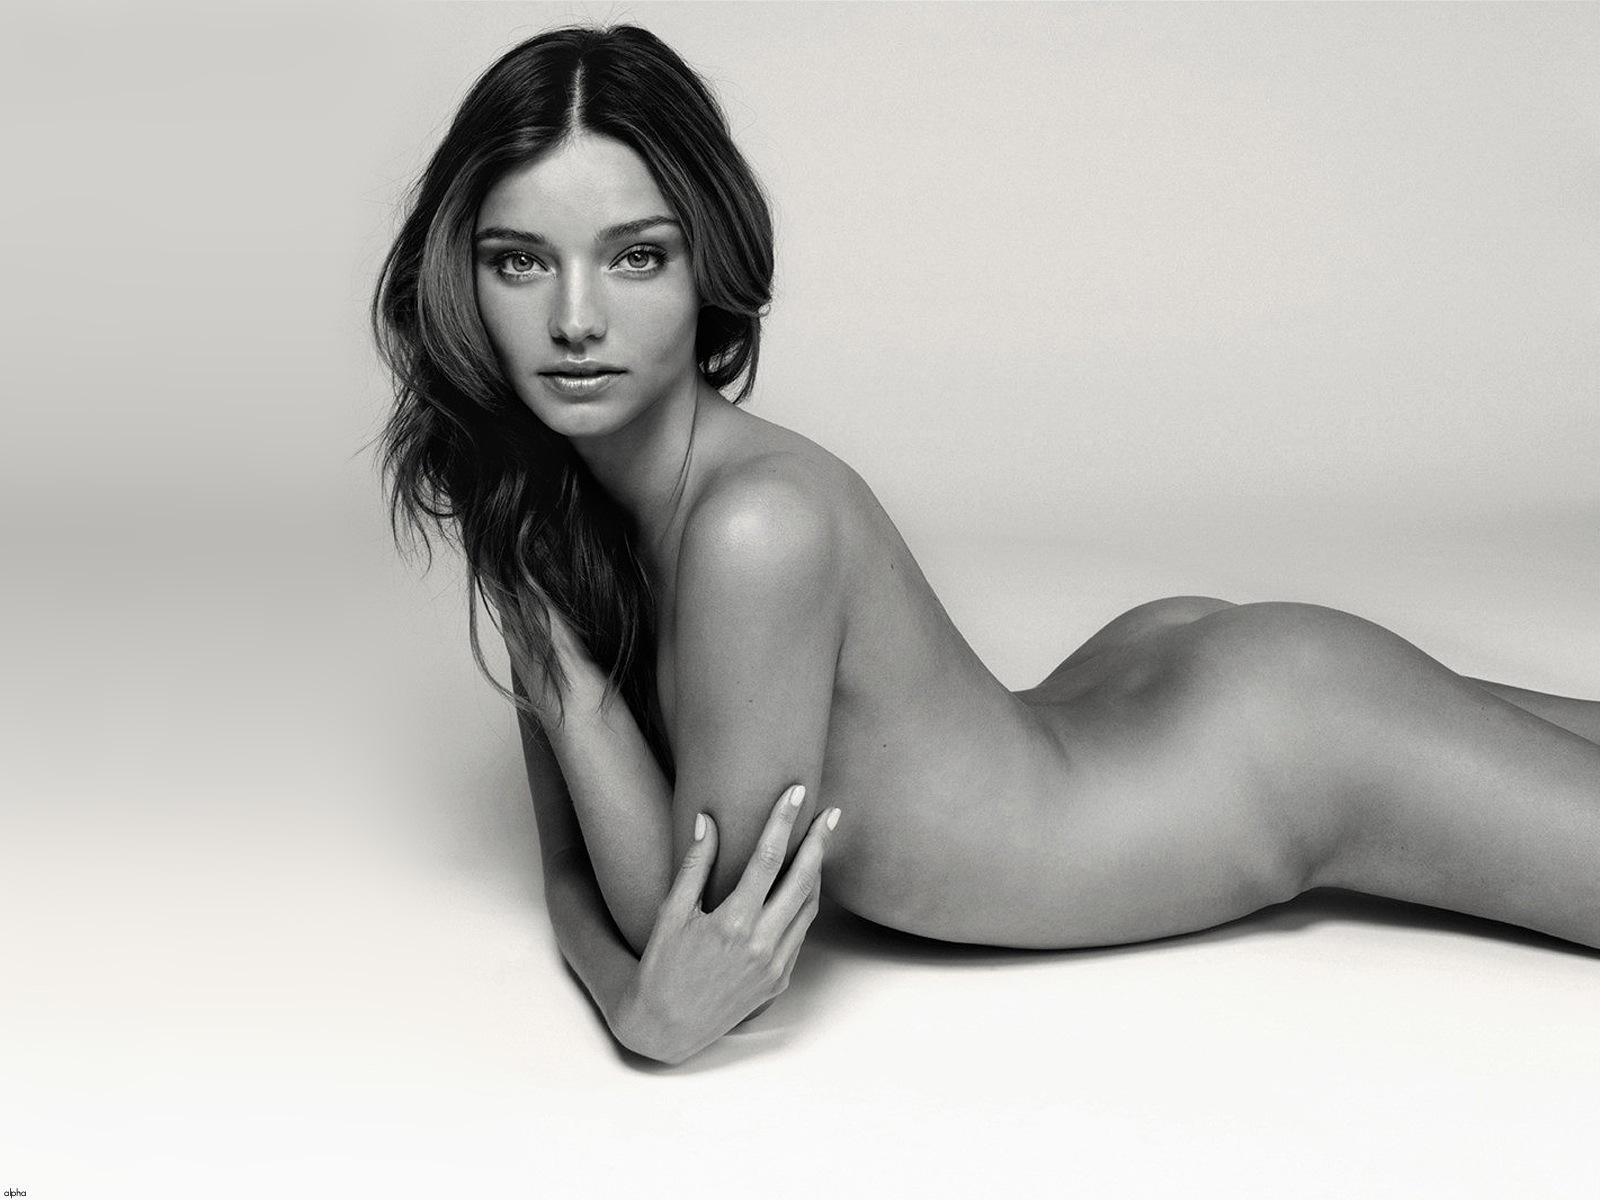 Фото оголенных модели, Голые модели - ню фото голых моделей 10 фотография